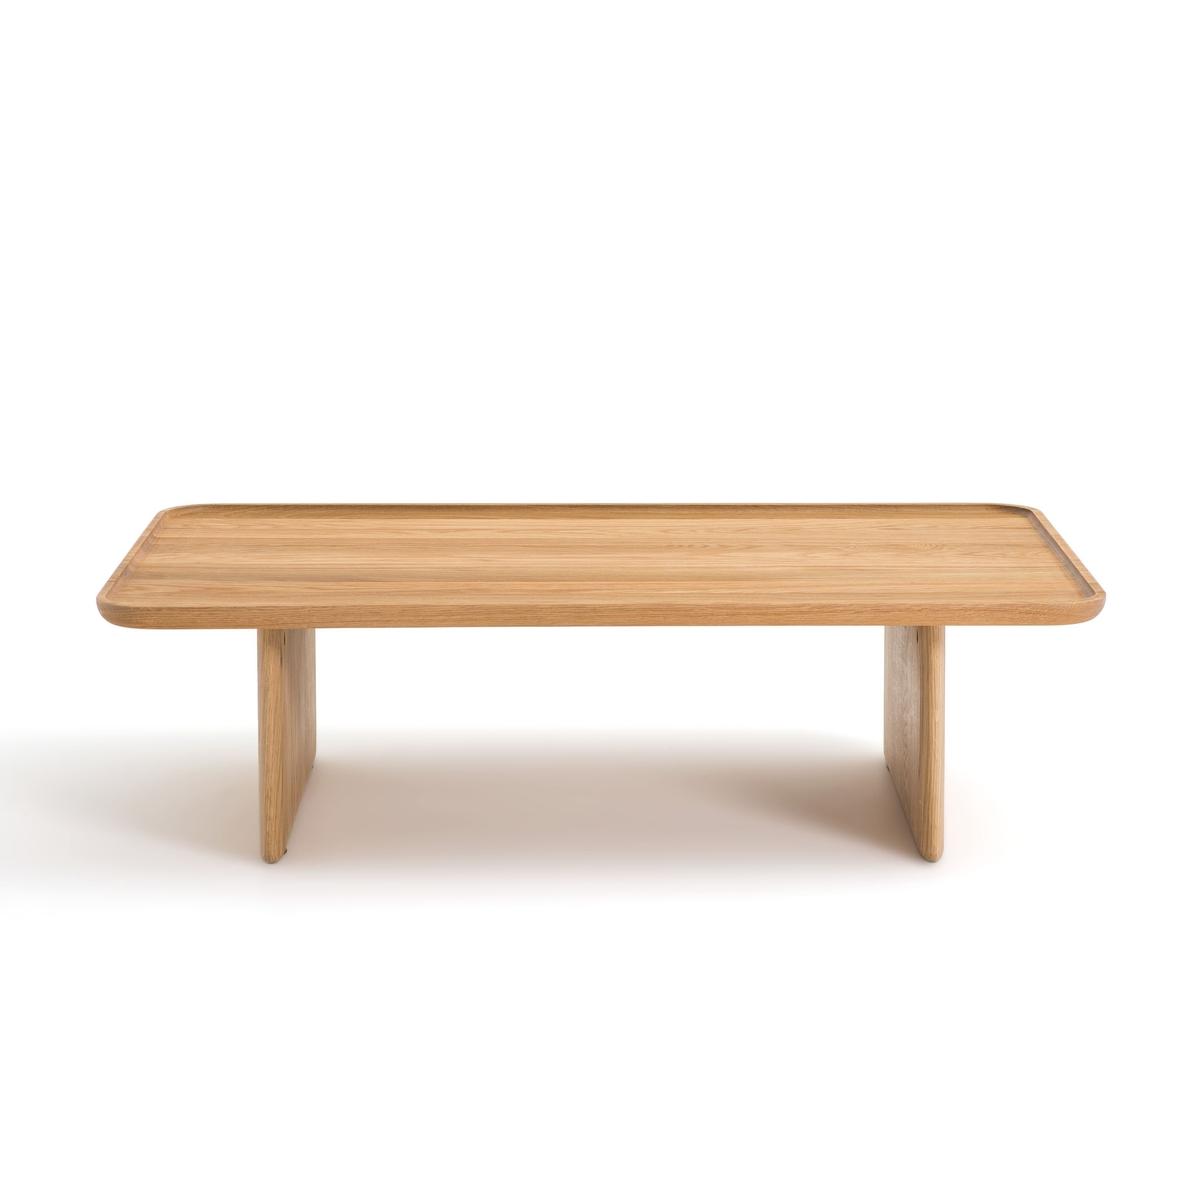 Стол LaRedoute Журнальный из массива дуба Medito единый размер каштановый столик laredoute журнальный из дуба покрытого олифой adelita единый размер каштановый